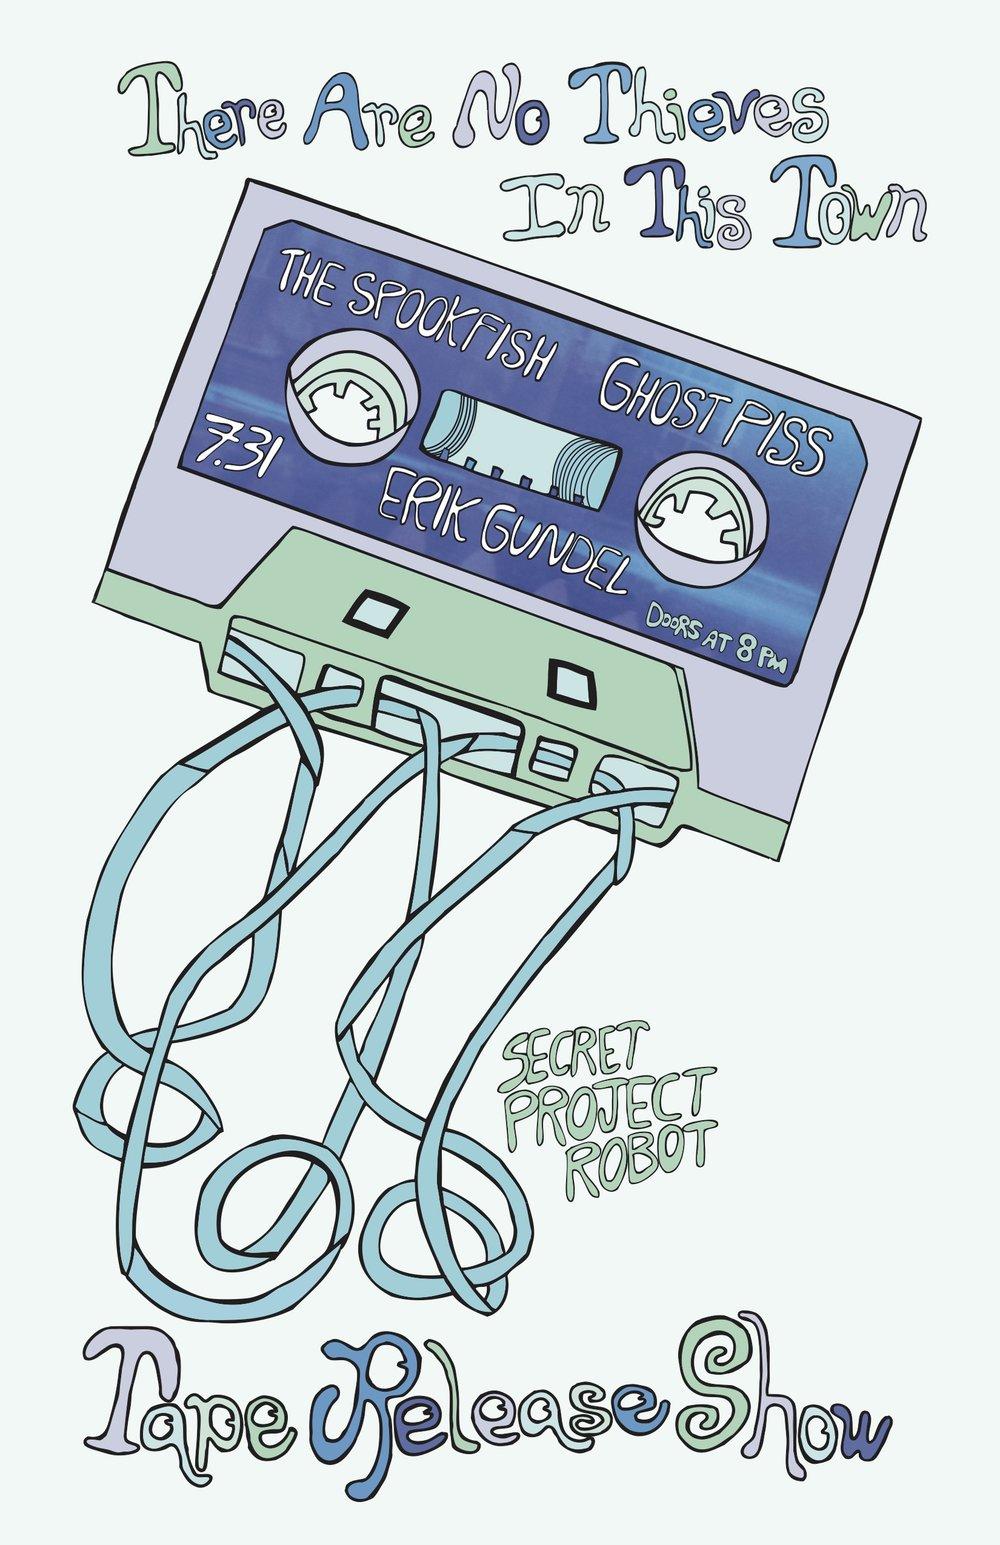 tape release 731.jpg